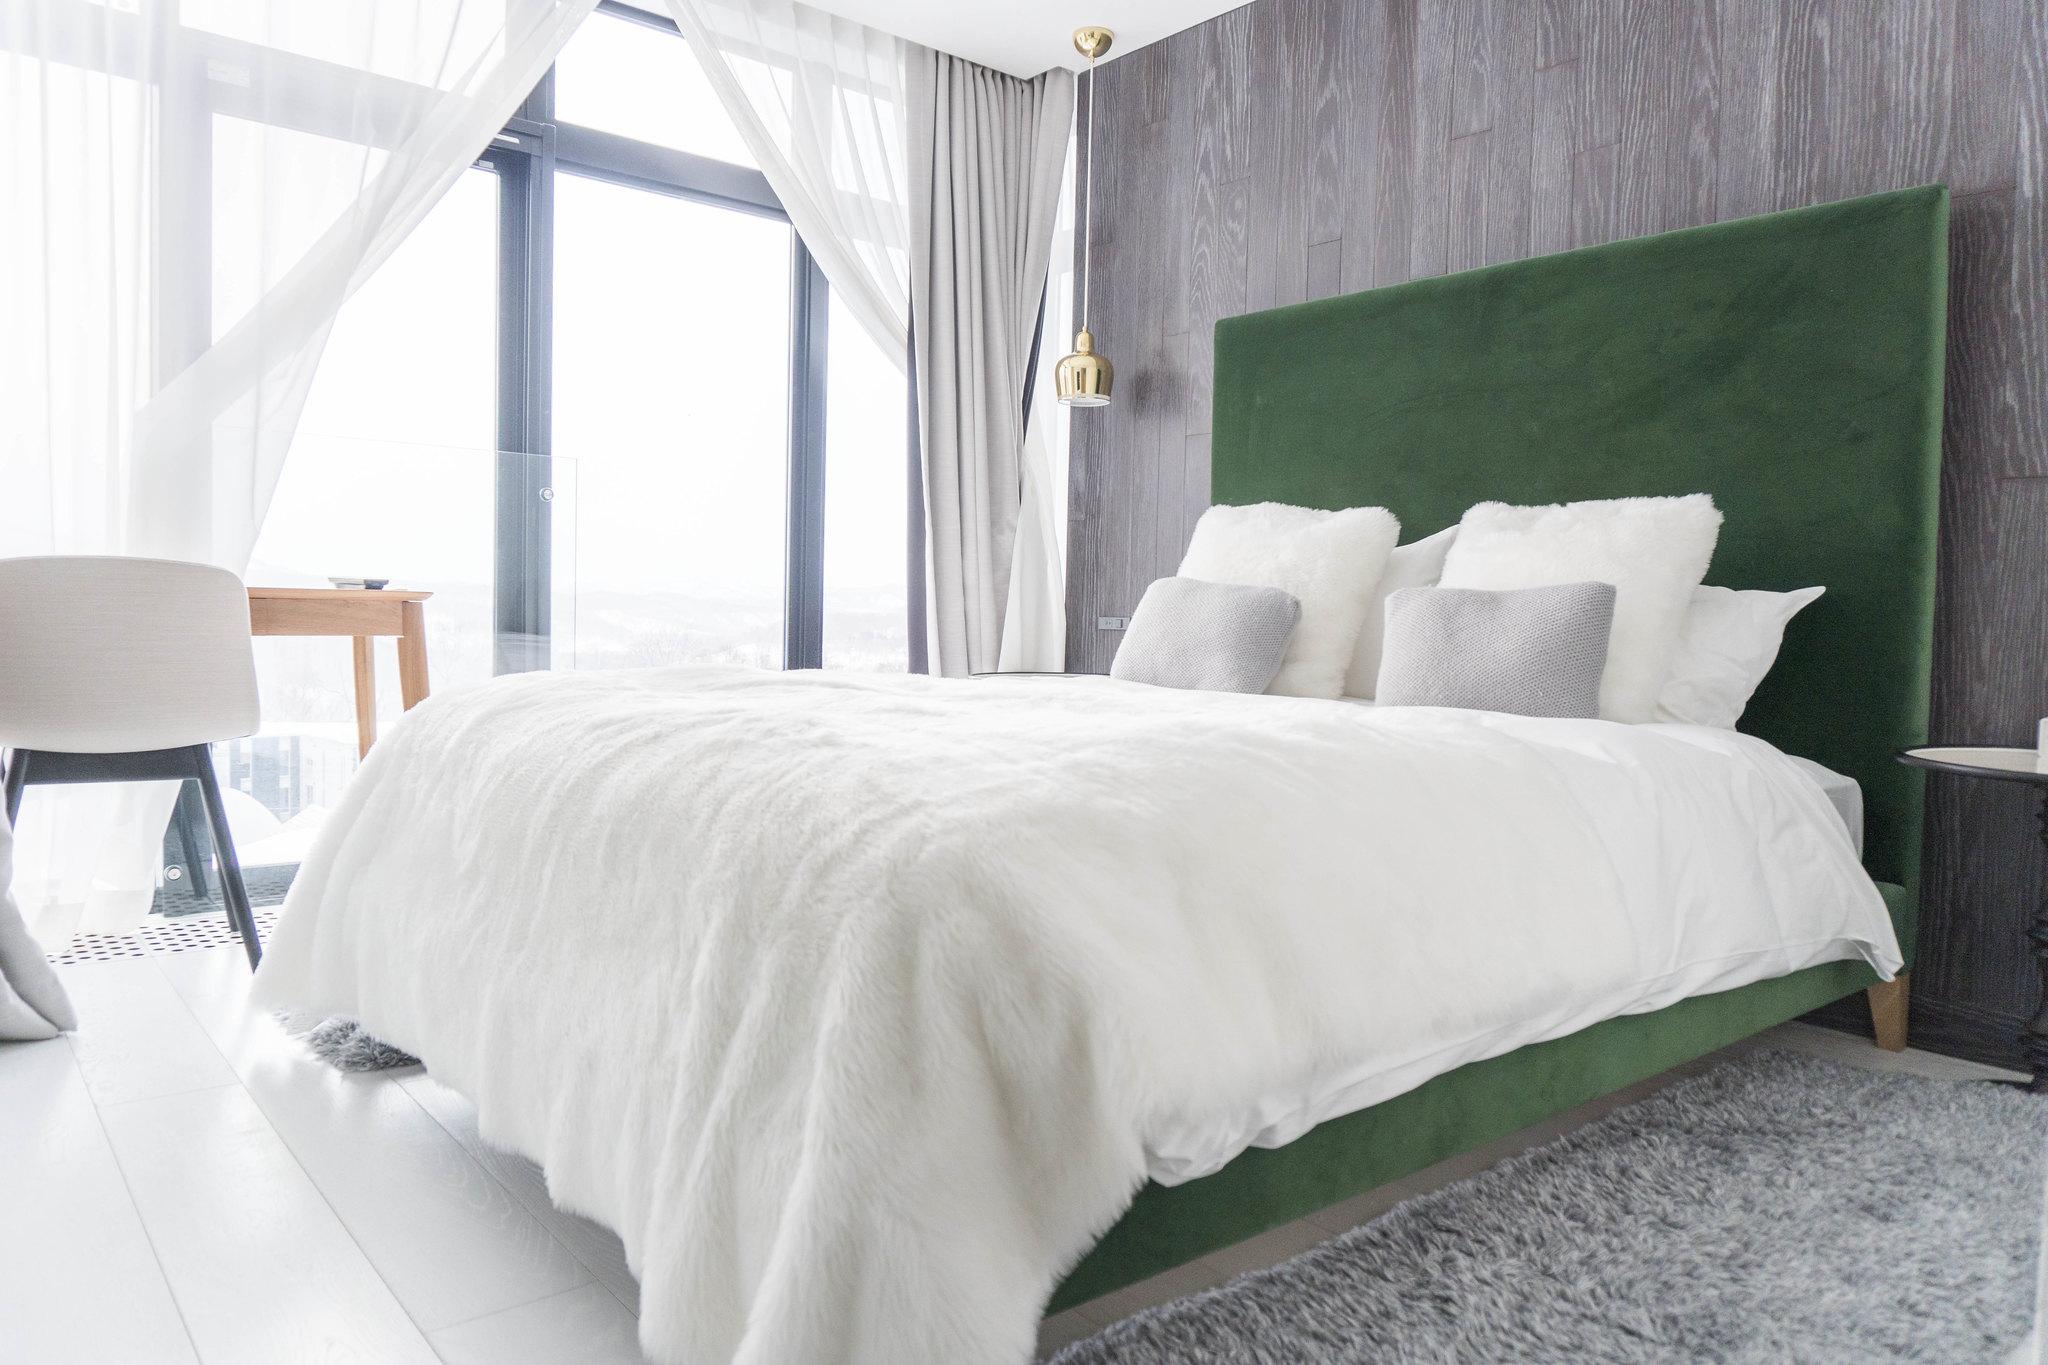 A plush queen bed with green backboard in a warm bedroom in LOFT Niseko.